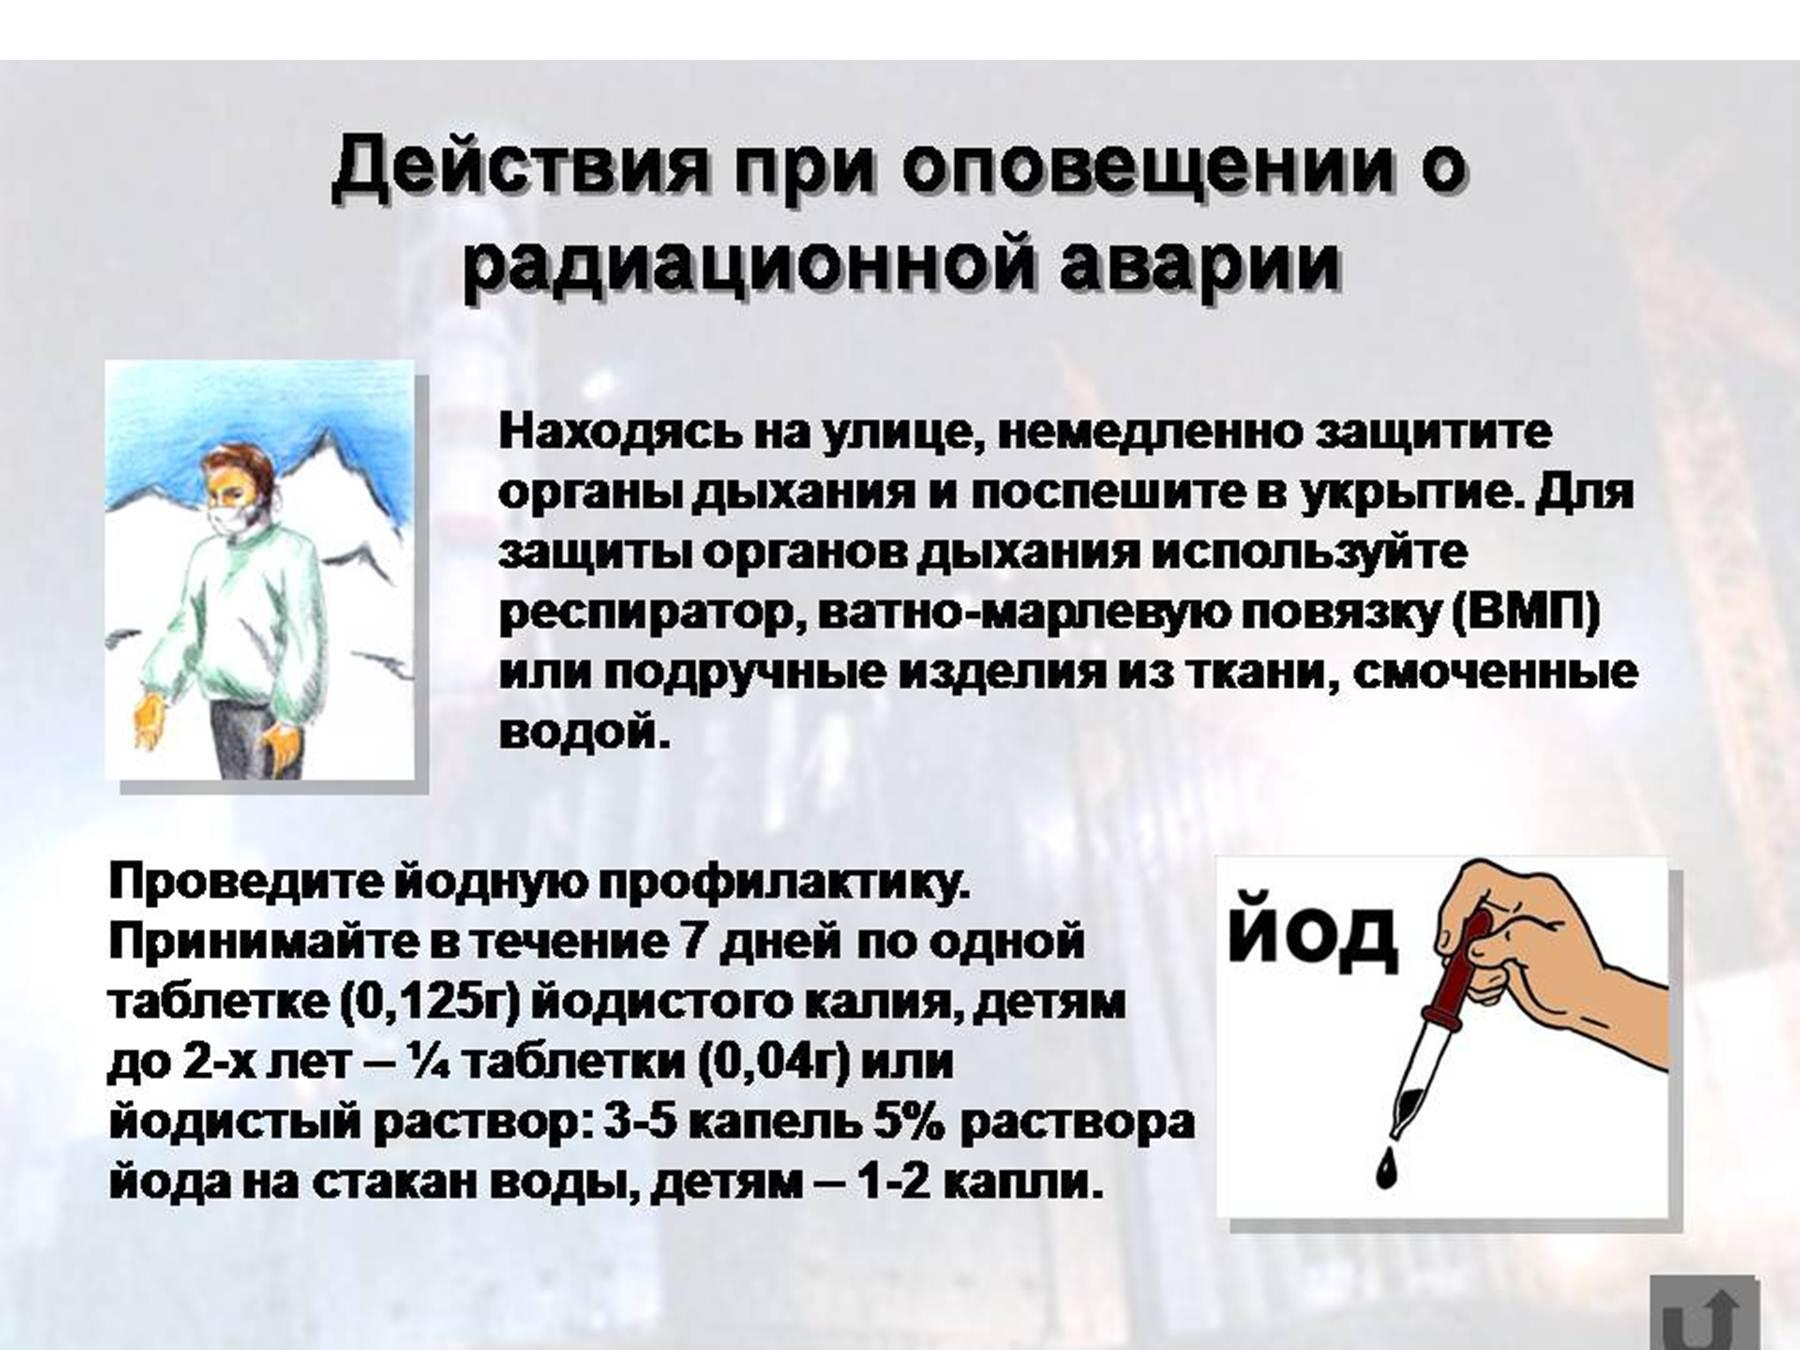 инструкцией о радиационной безопасности